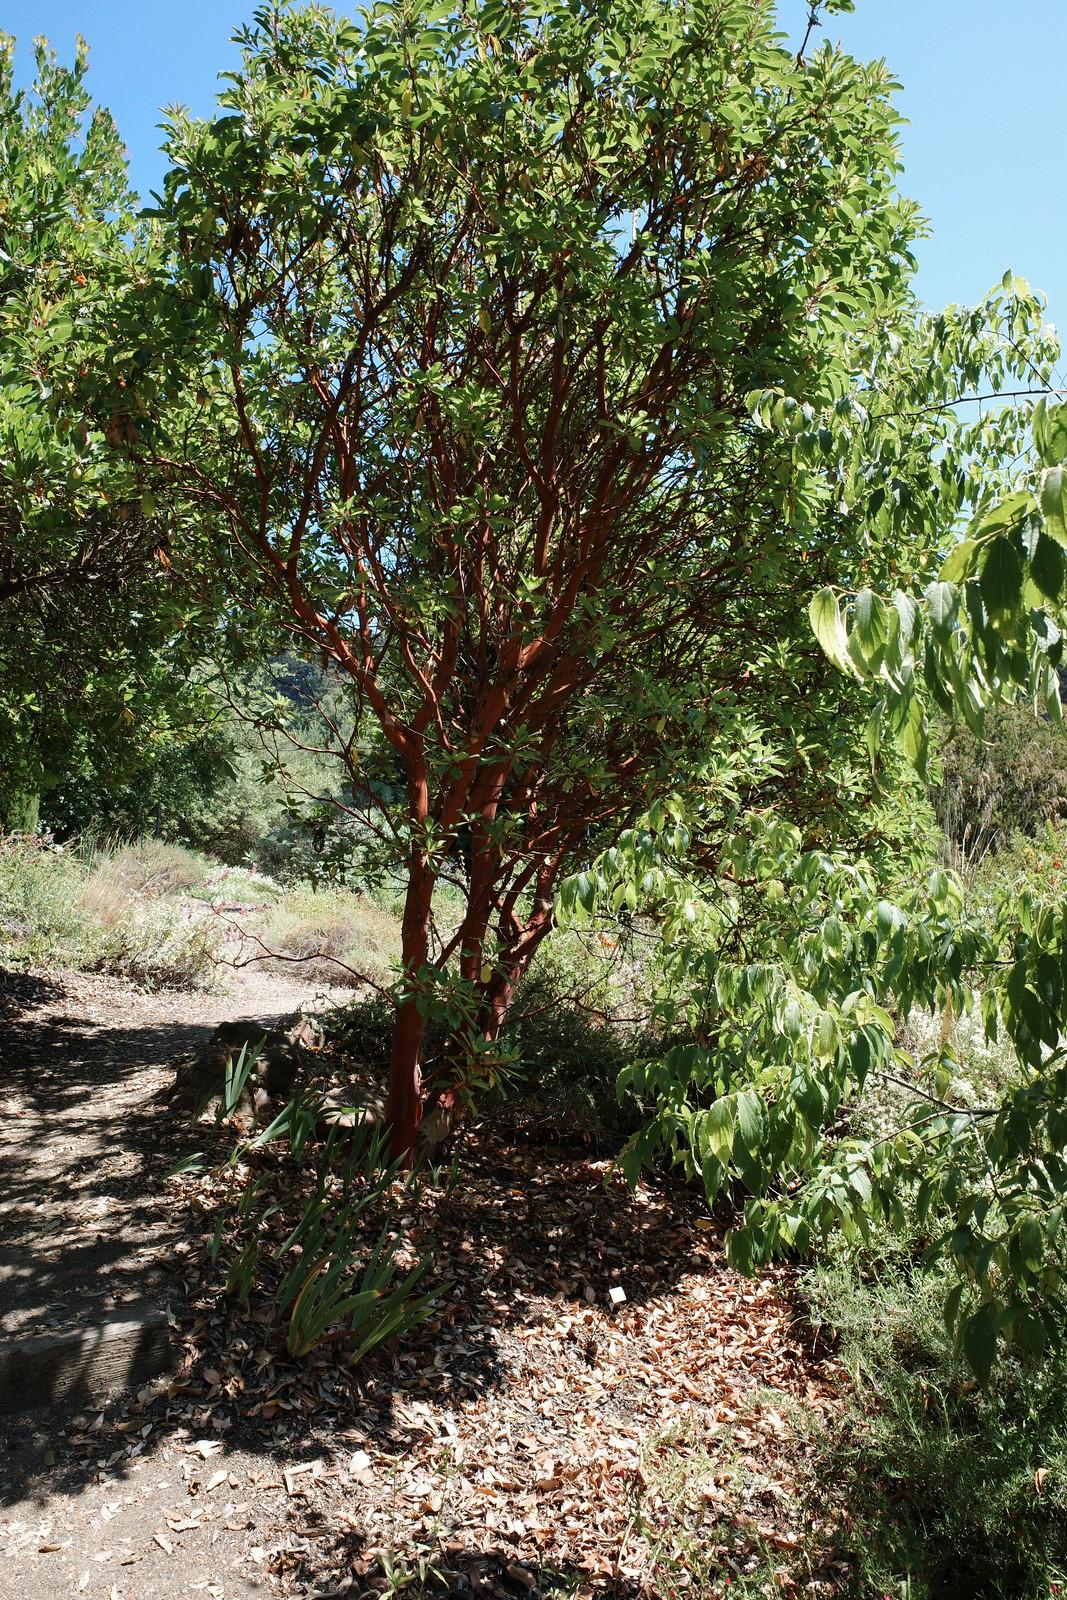 this tree looks like an Oompah Loompah